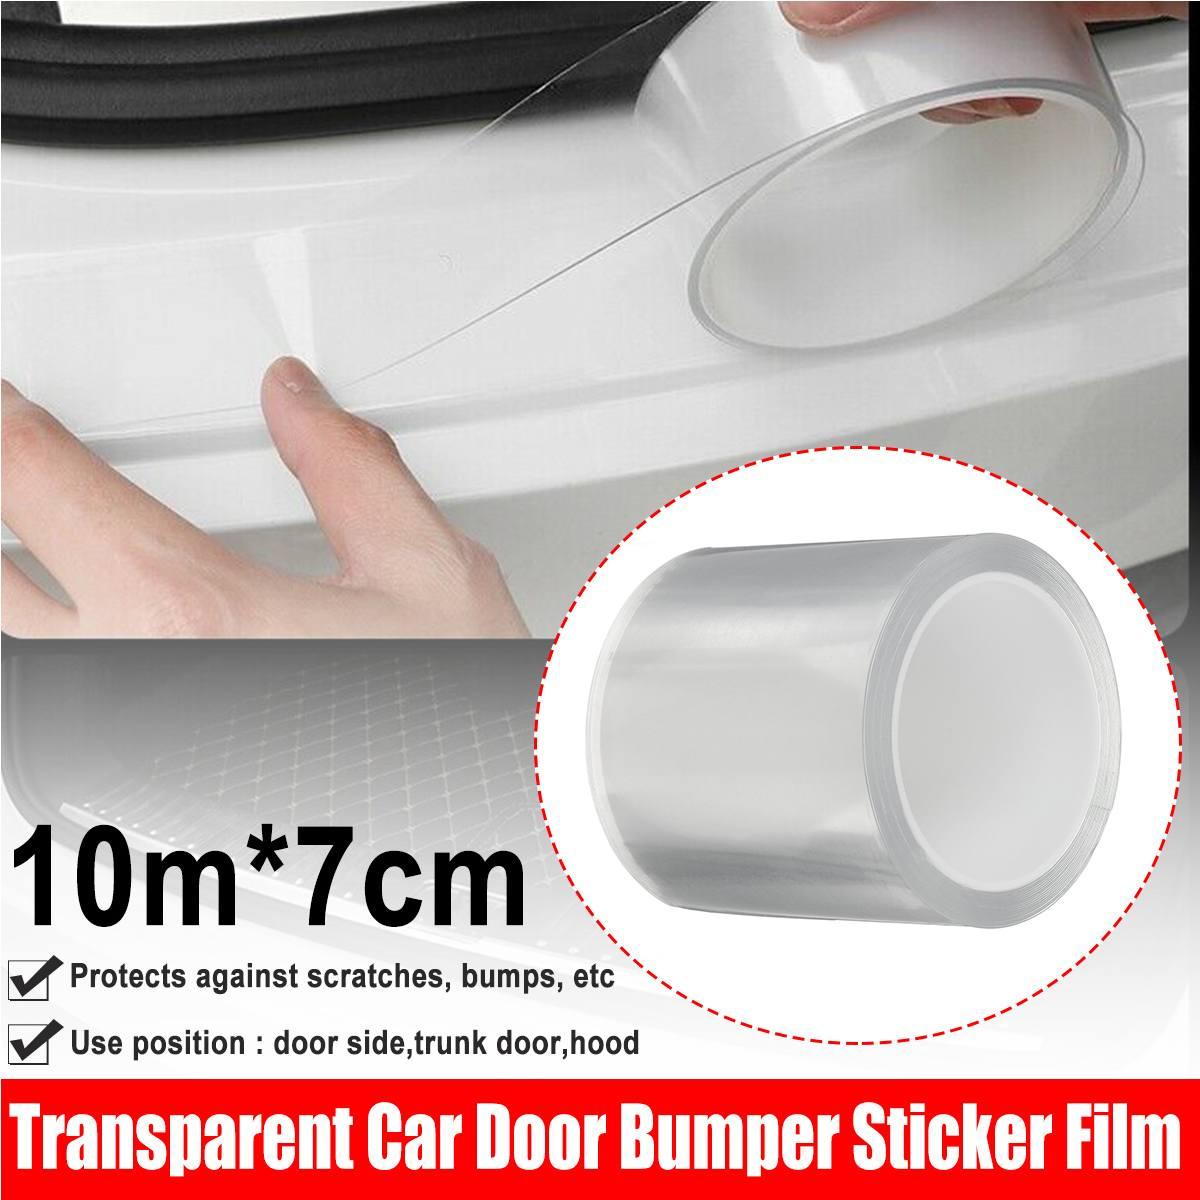 Универсальная 7*100 см уплотненная прозрачная защитная пленка на бампер для двери автомобиля 3D наклейка пленка